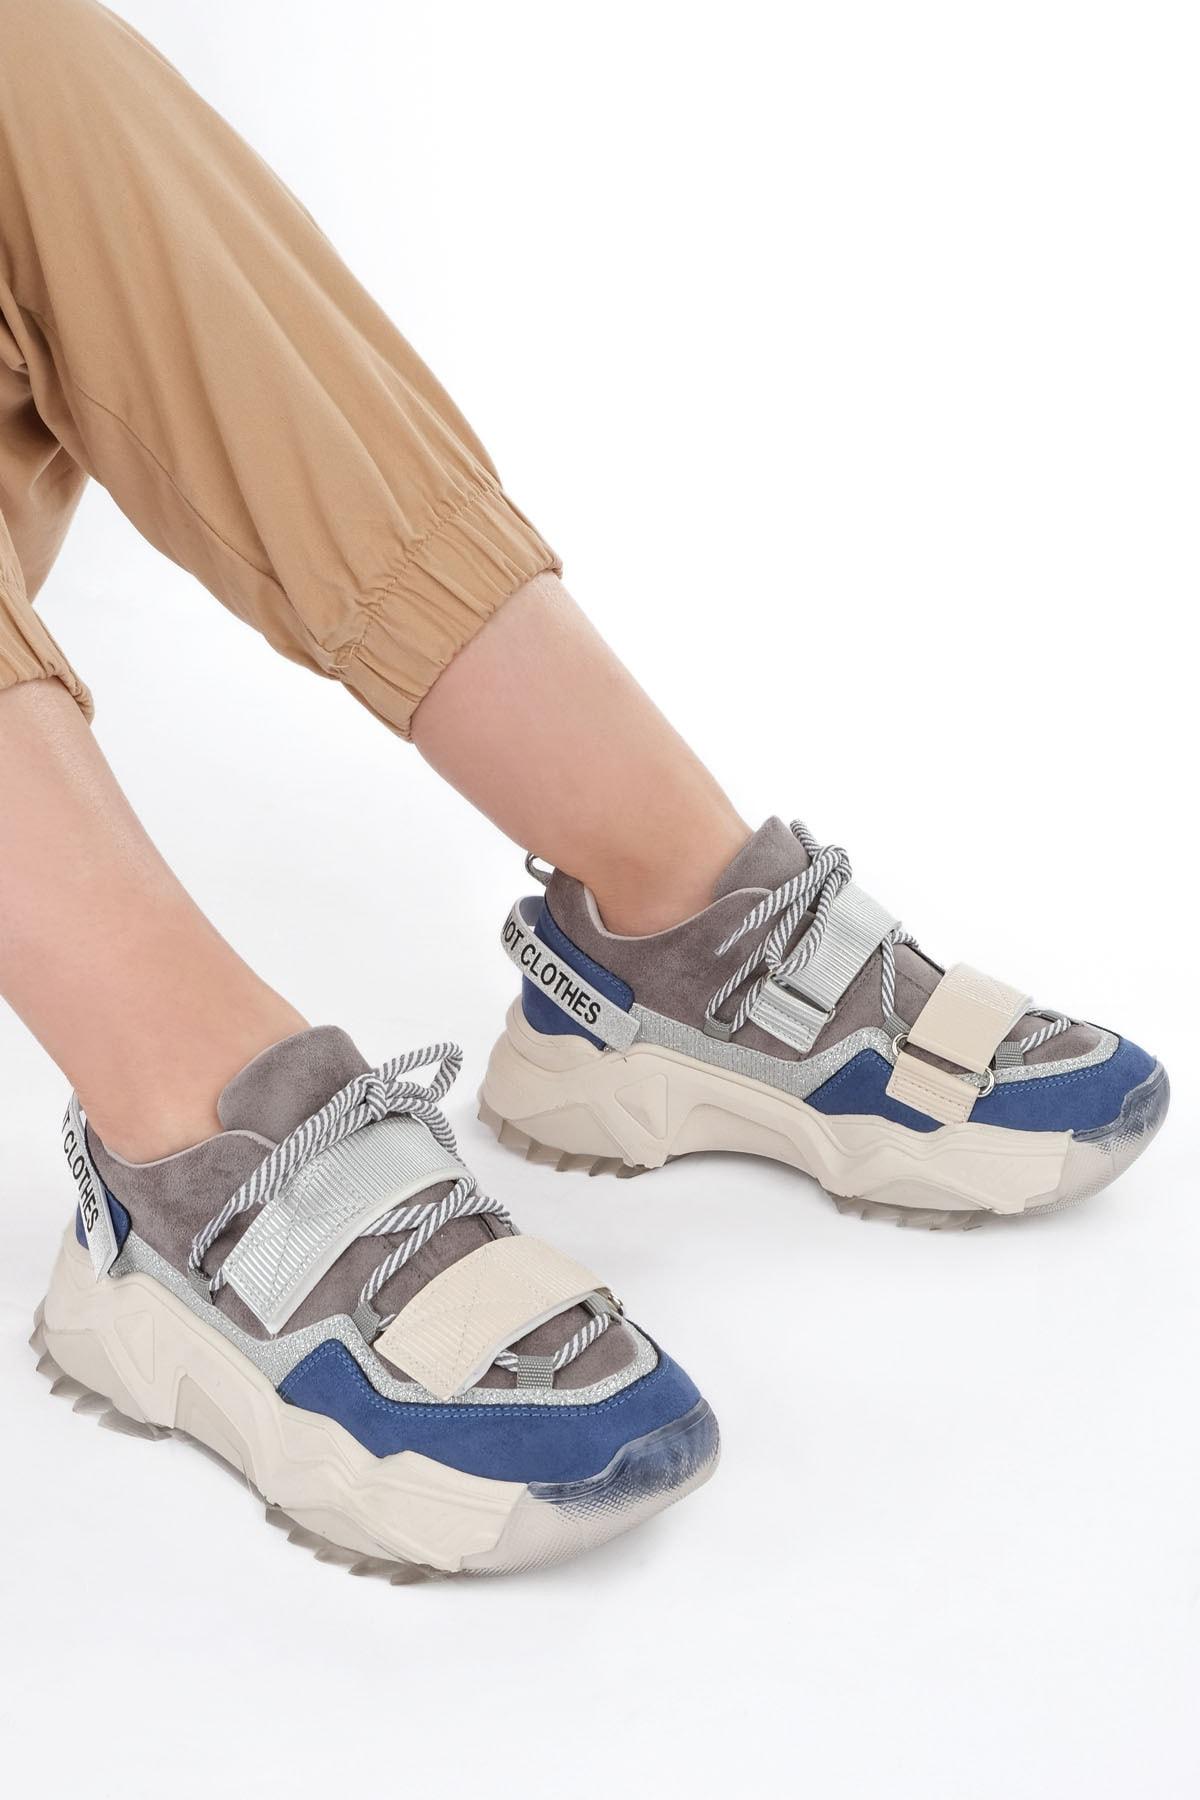 Marjin Kadın Sax Mavi Süet Sneaker Dolgu Topuklu Spor Ayakkabı Cakir 2